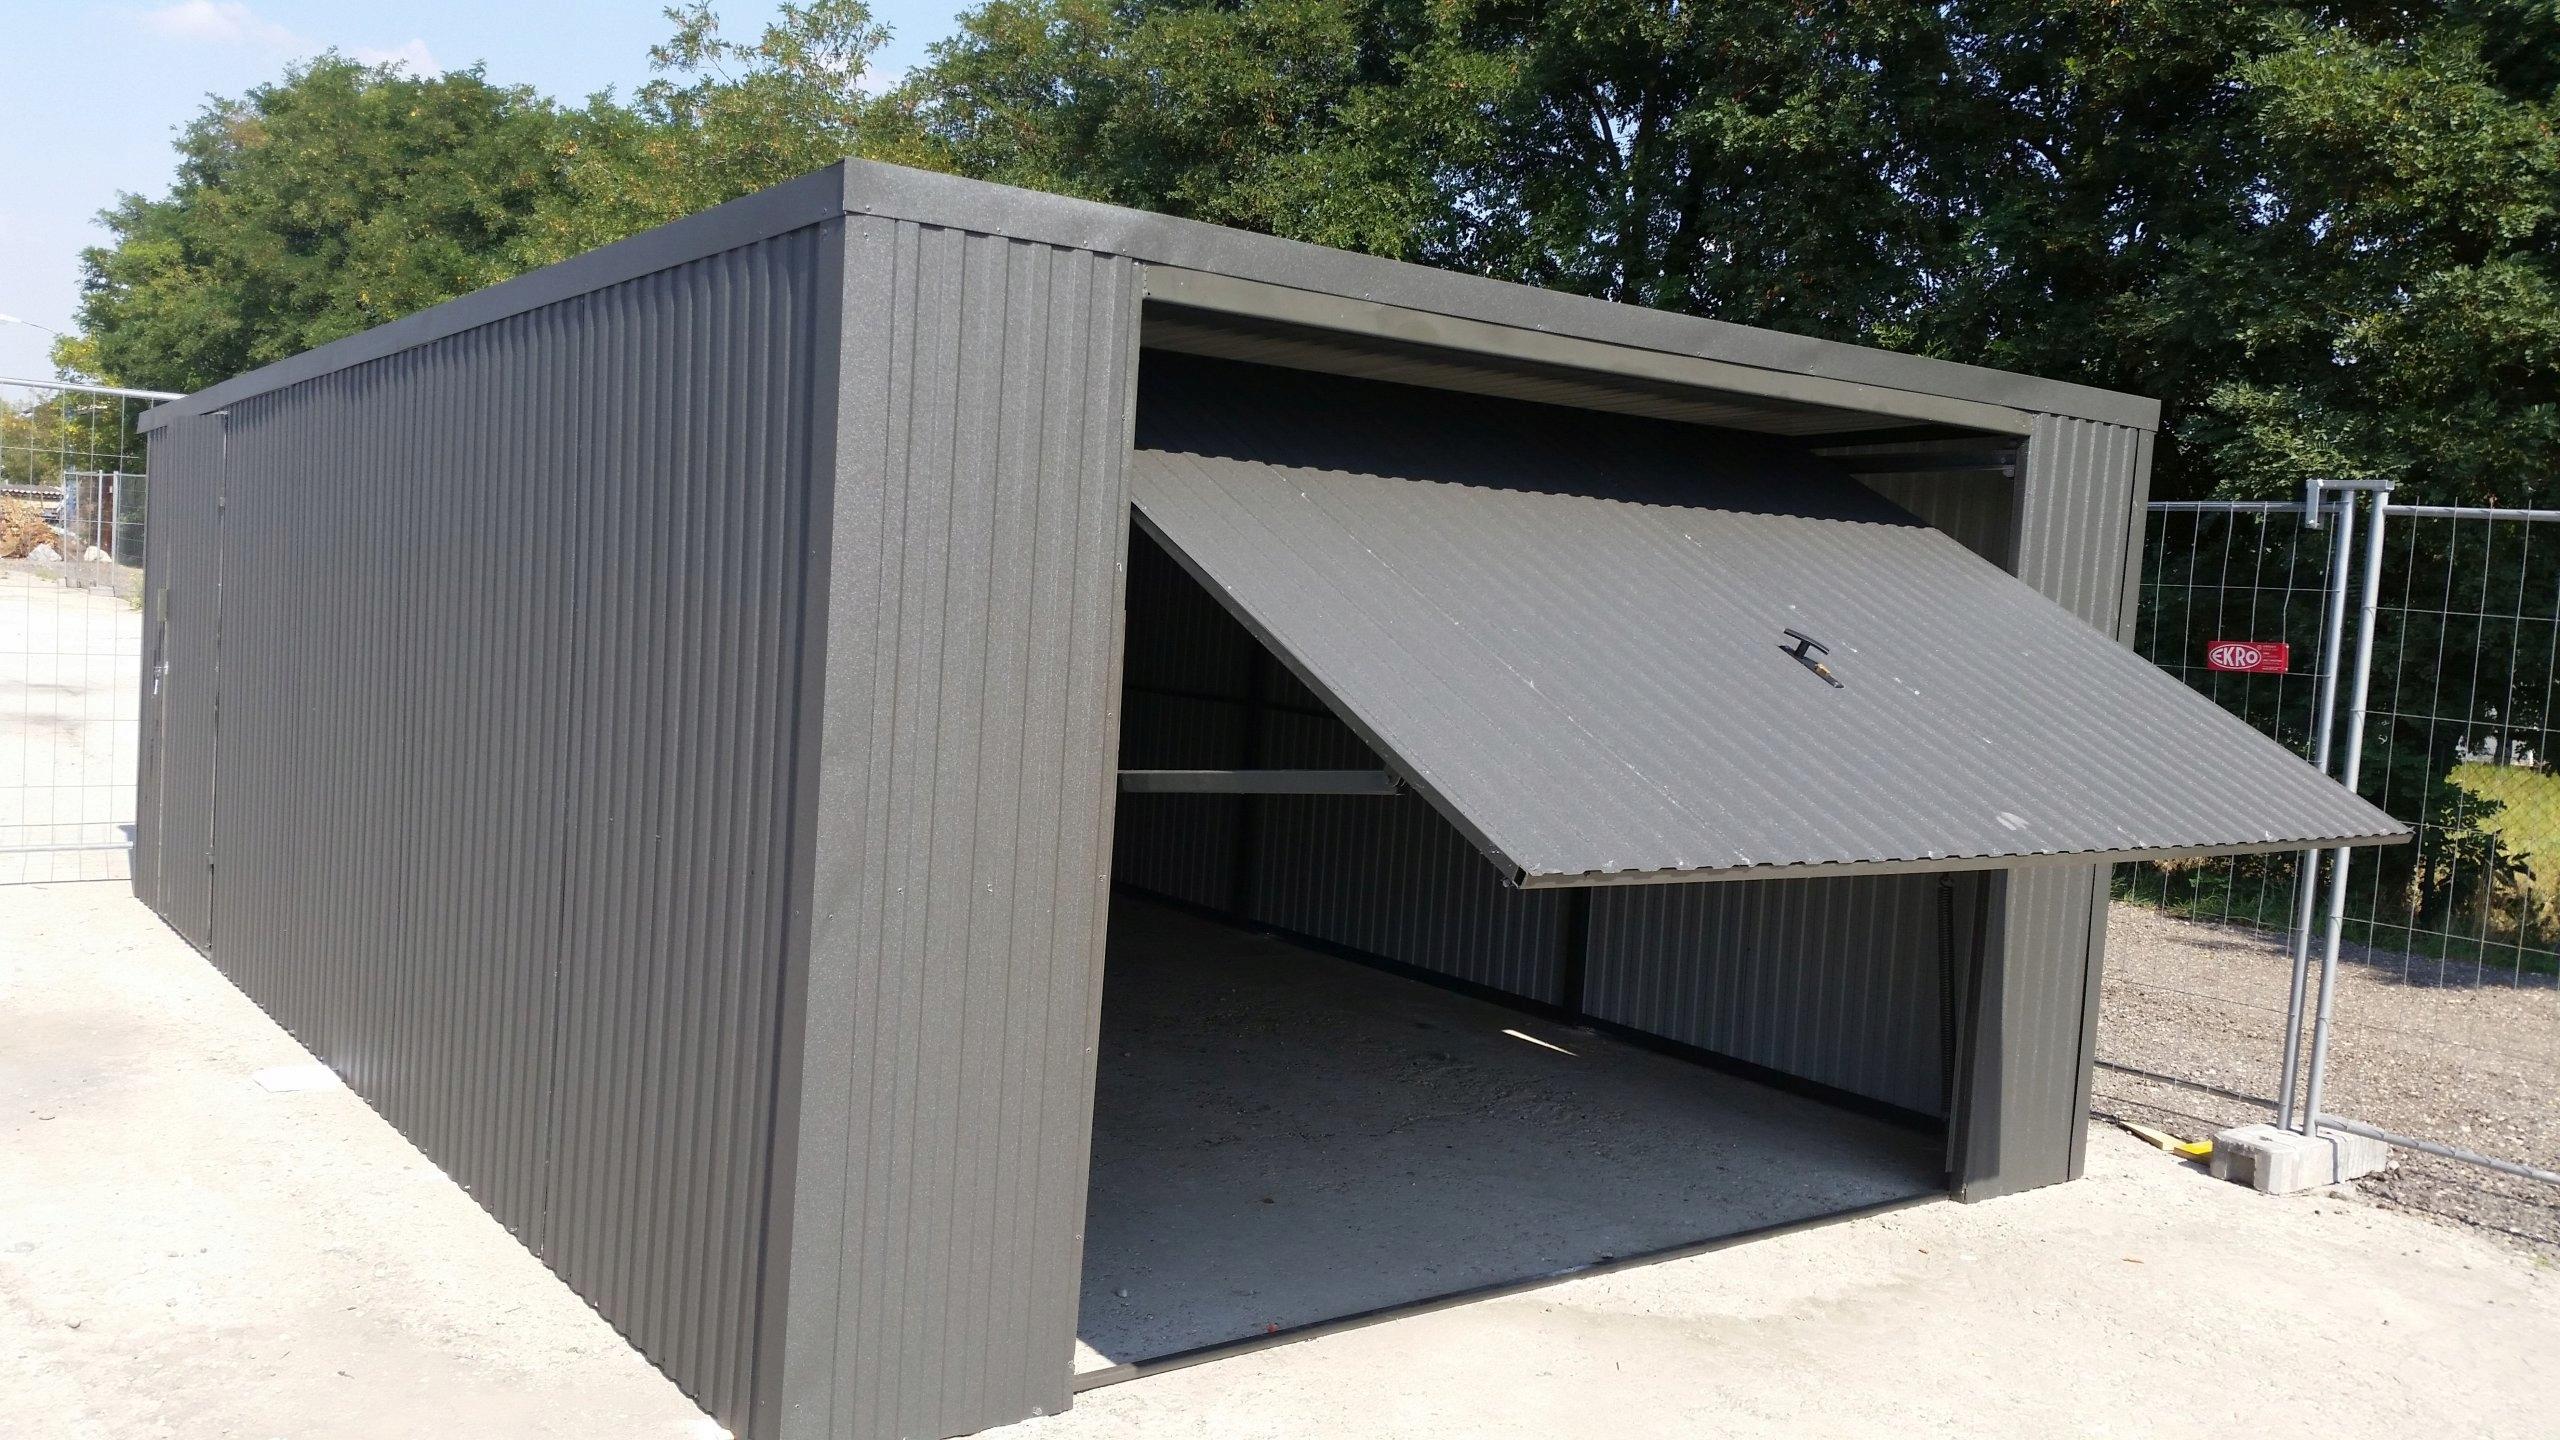 Garaż Blaszany Całoroczny Wiata Blaszak 5x6 6834278240